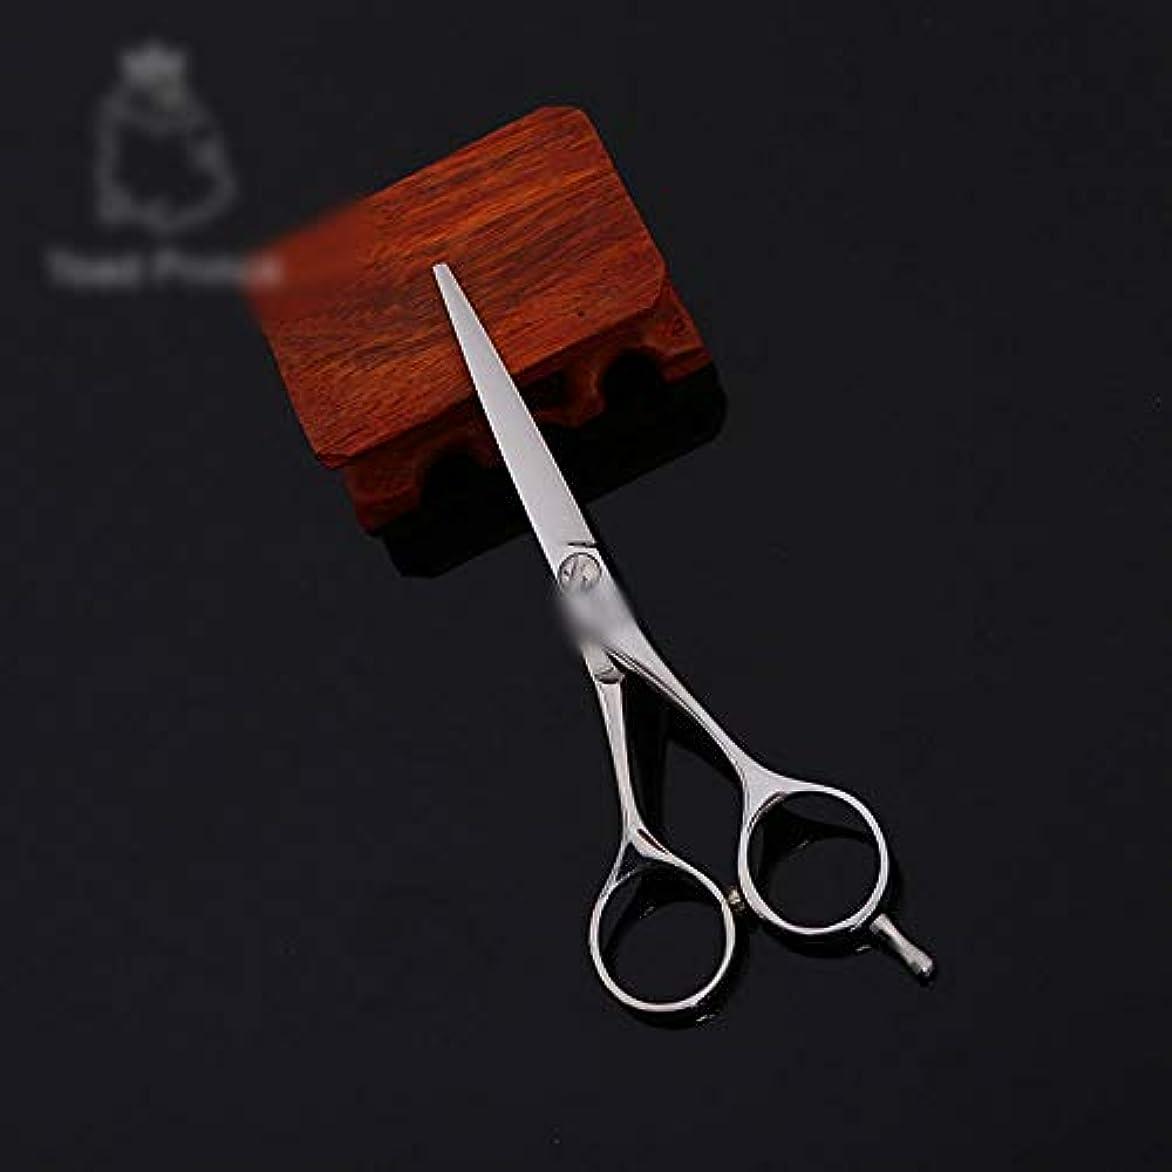 耐えられない忠実なアッティカス理髪用はさみ 高品質6インチ美容院プロのヘアカットフラットせん断ヘアカットはさみステンレス理髪はさみ (色 : Silver)